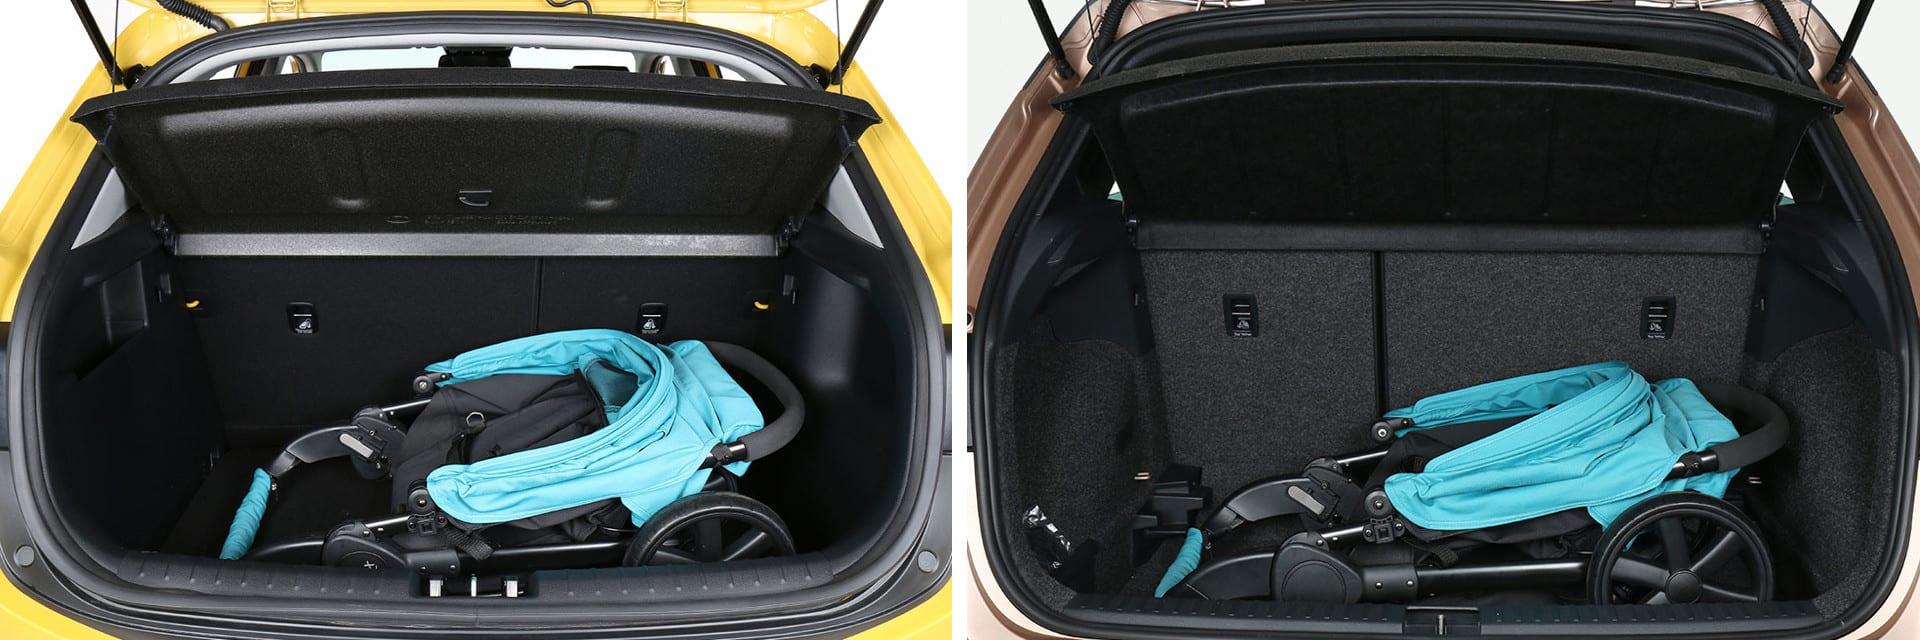 La capacidad del maletero del Stonic (izq.) es de 332 litros, mientras que la del Arona (dcha.) es superior: 400 litros.